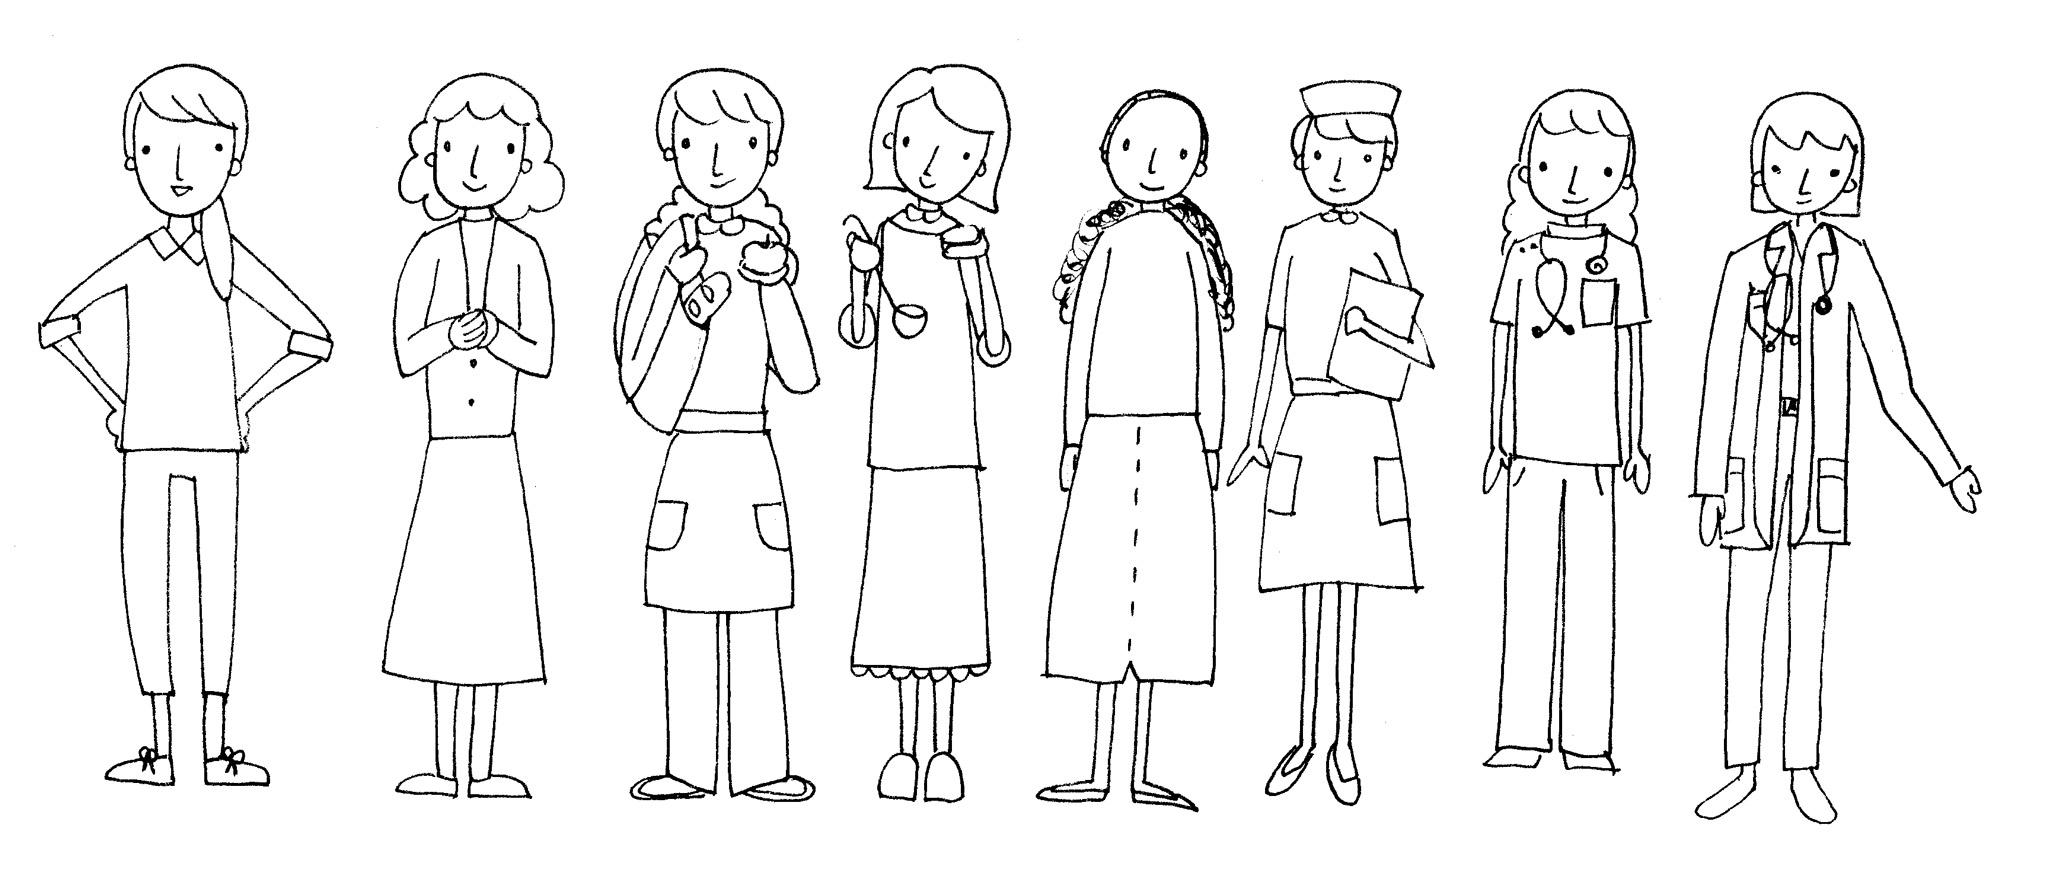 Erwachsene-Frauen-zeichnen